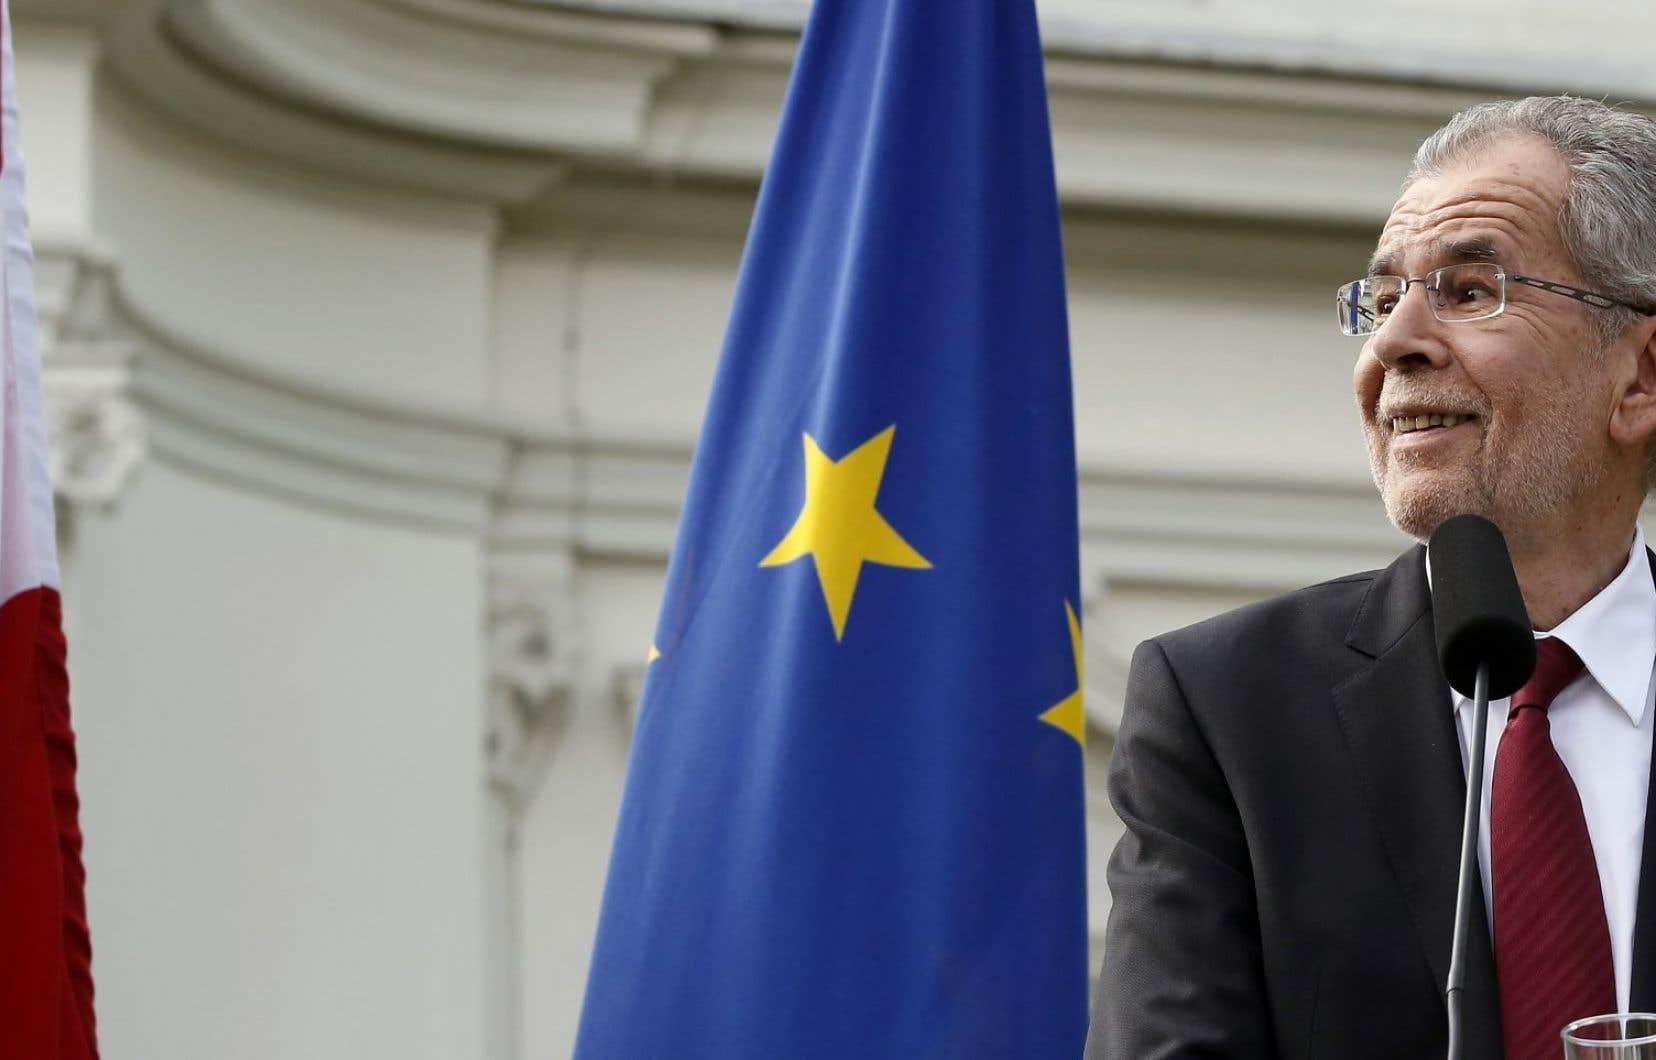 Fédéraliste, Van der Bellen est un partisan des «États-Unis d'Europe».